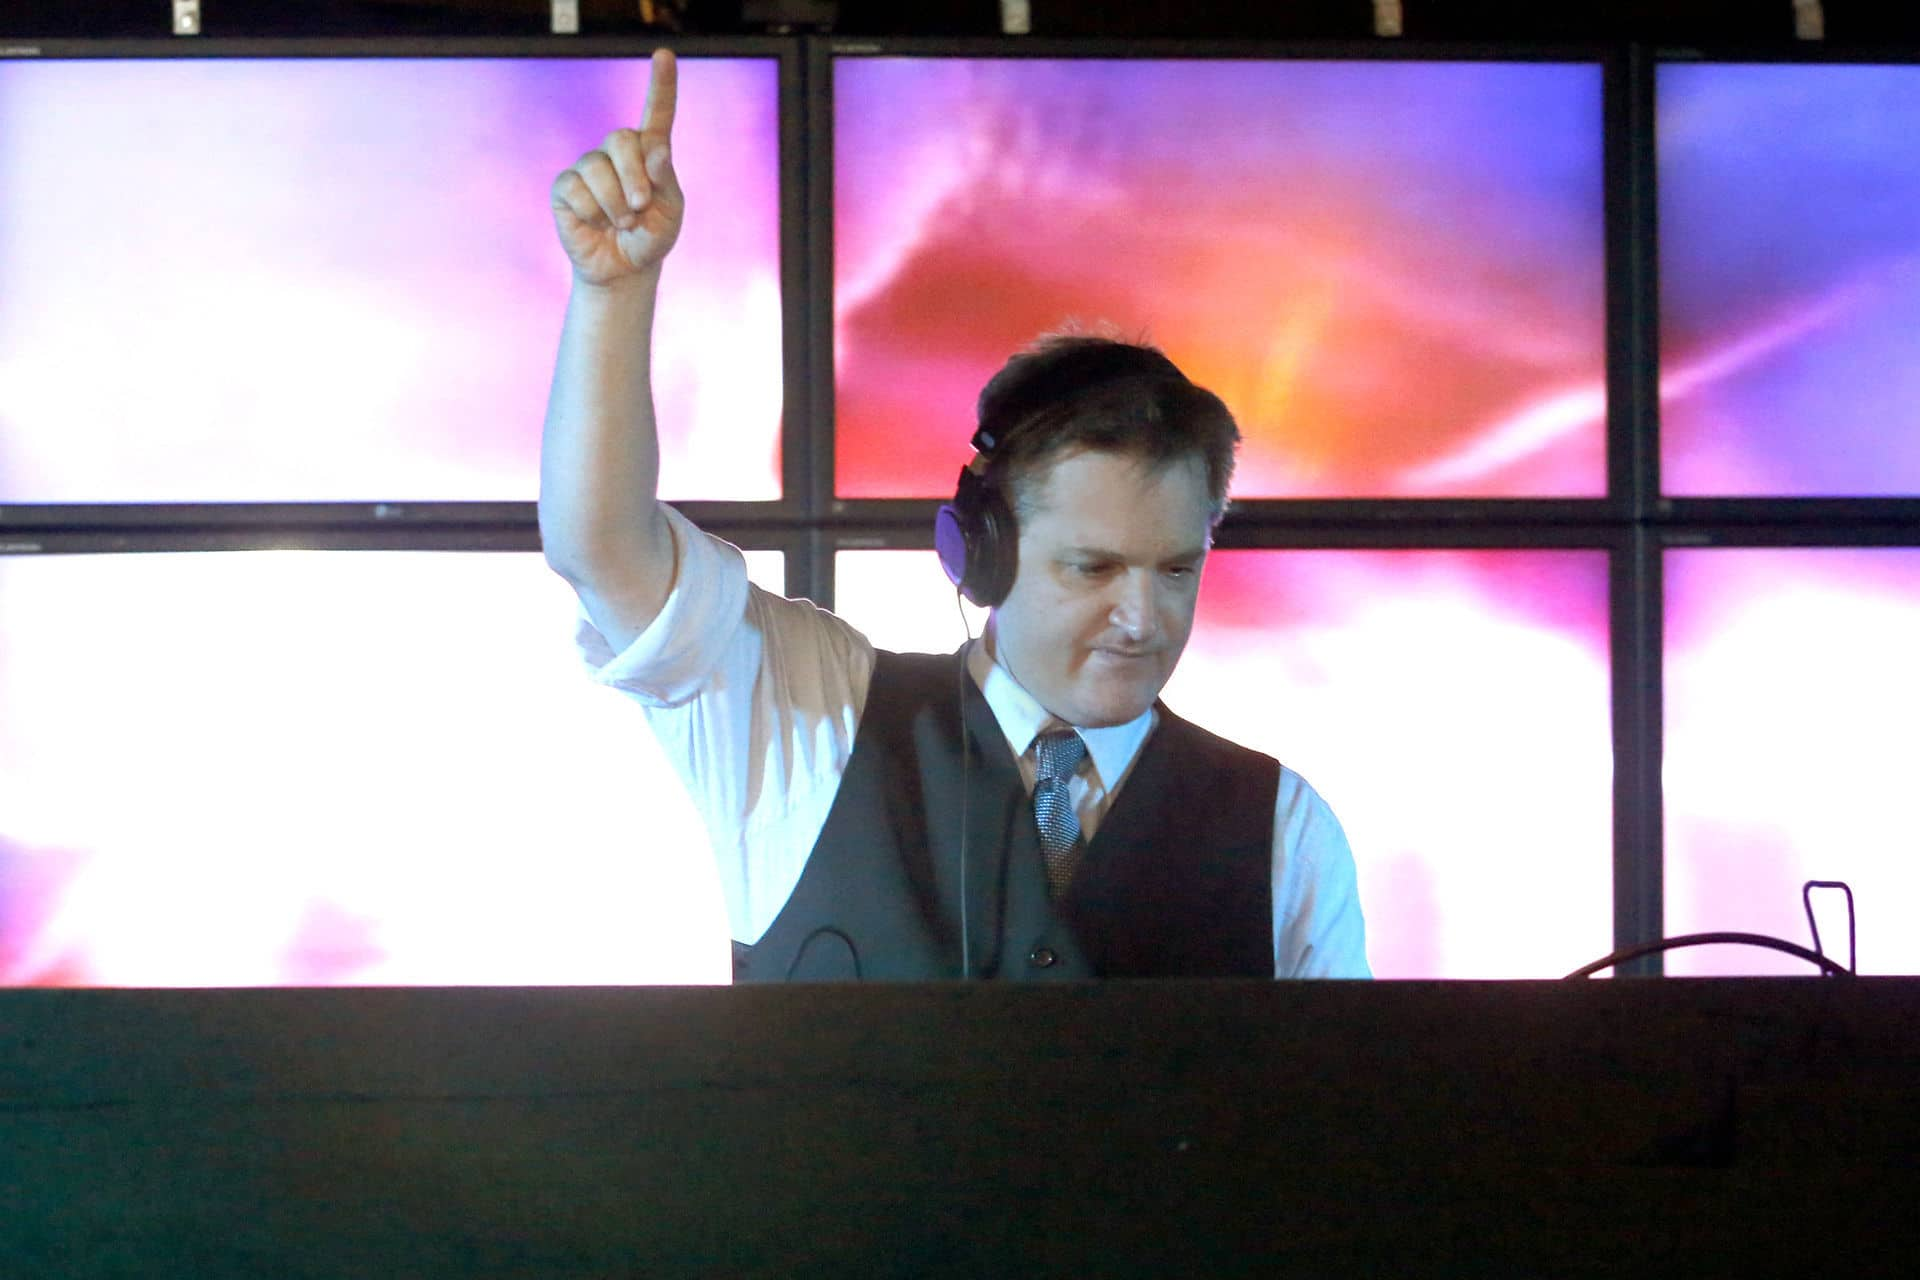 DJ Andre Werneck